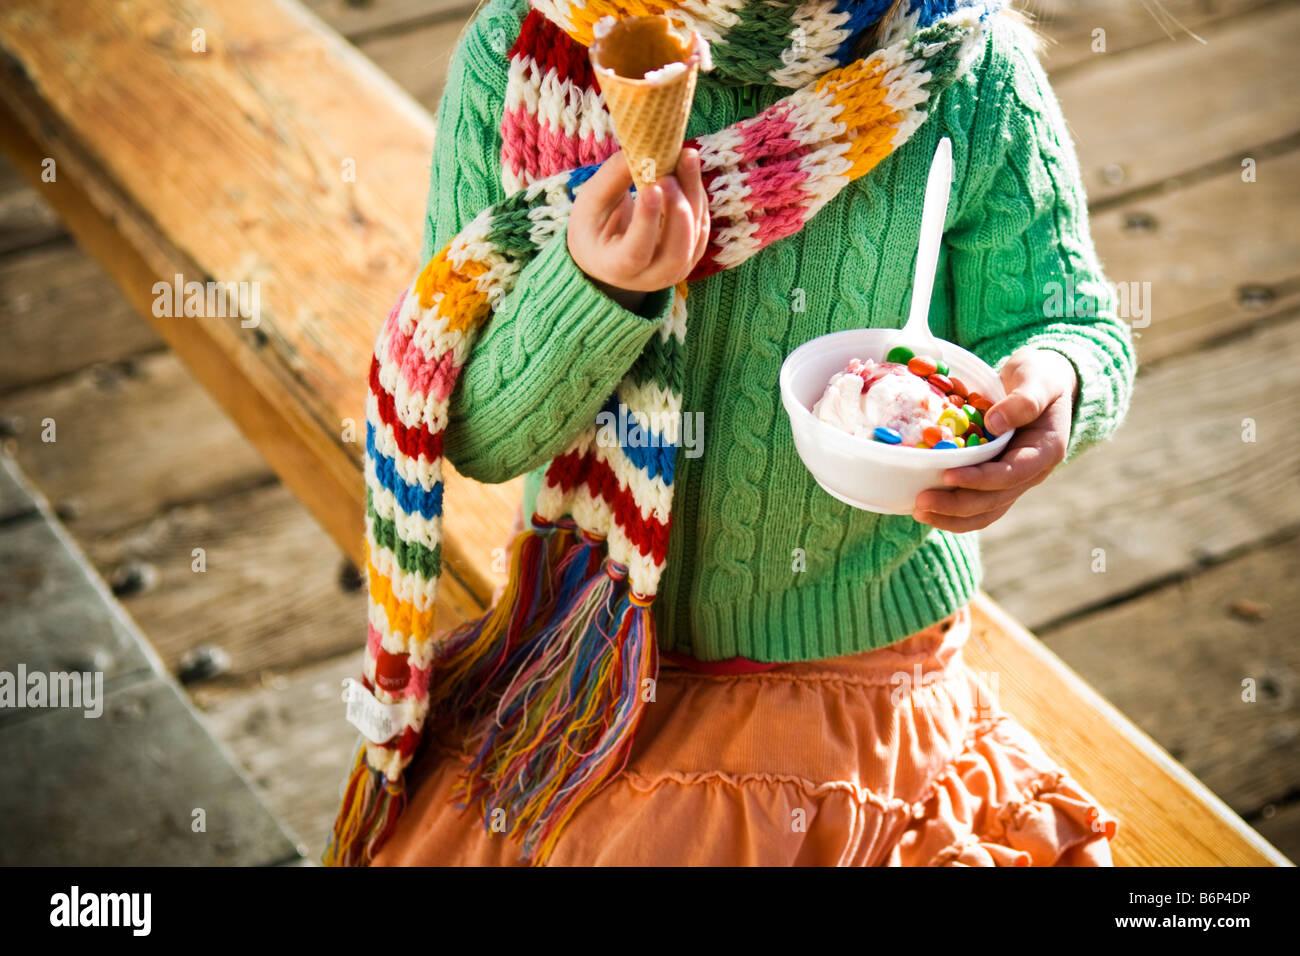 Eine Mädchen, 4-5 Jahre, genießt eine Schüssel mit Eis und m & m an einem kalten Tag. Stockbild